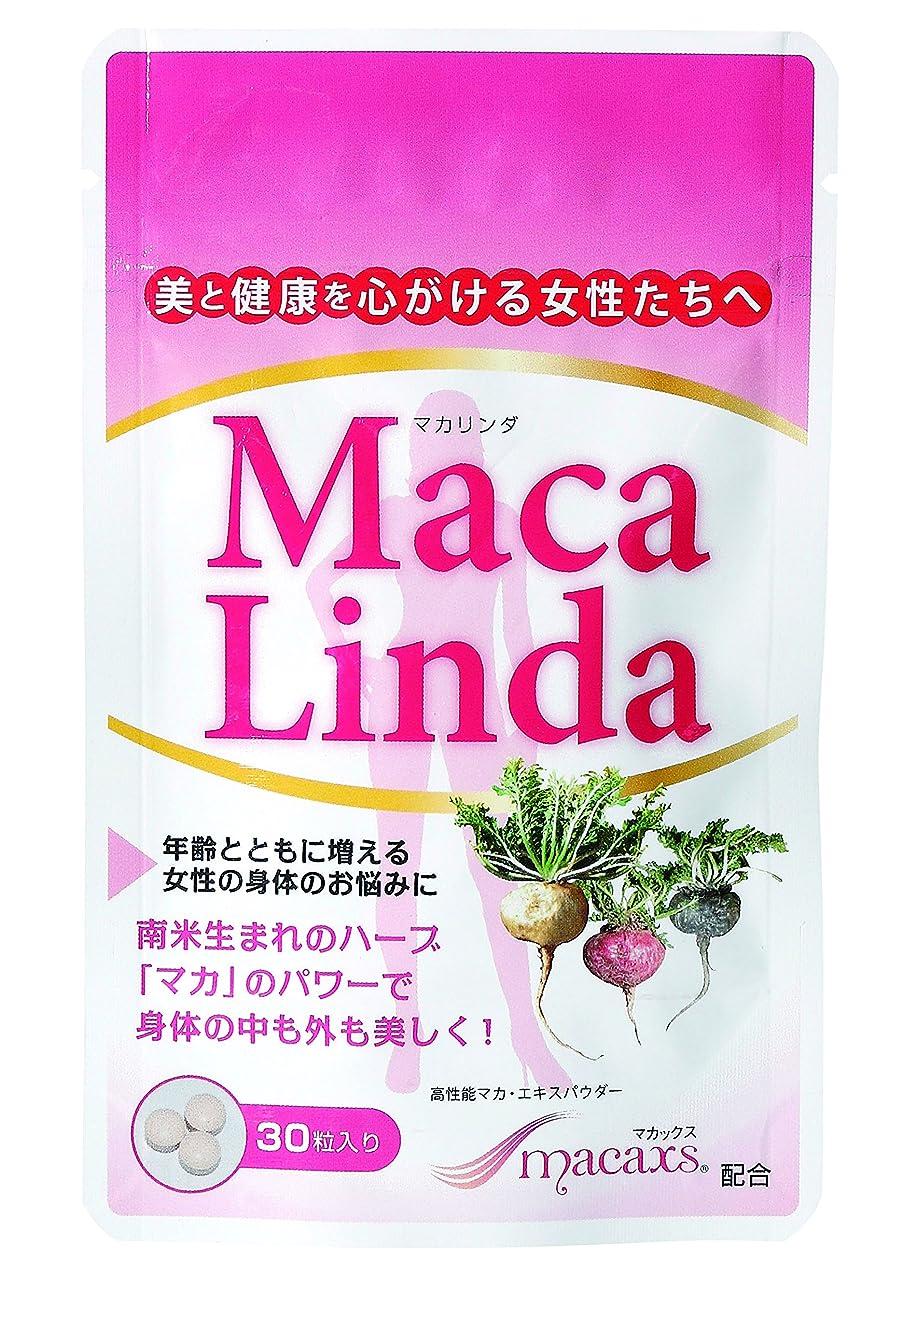 狂った不利図書館【八木沼純子さんご愛用】MacaLinda/マカリンダ(250mg×30粒)